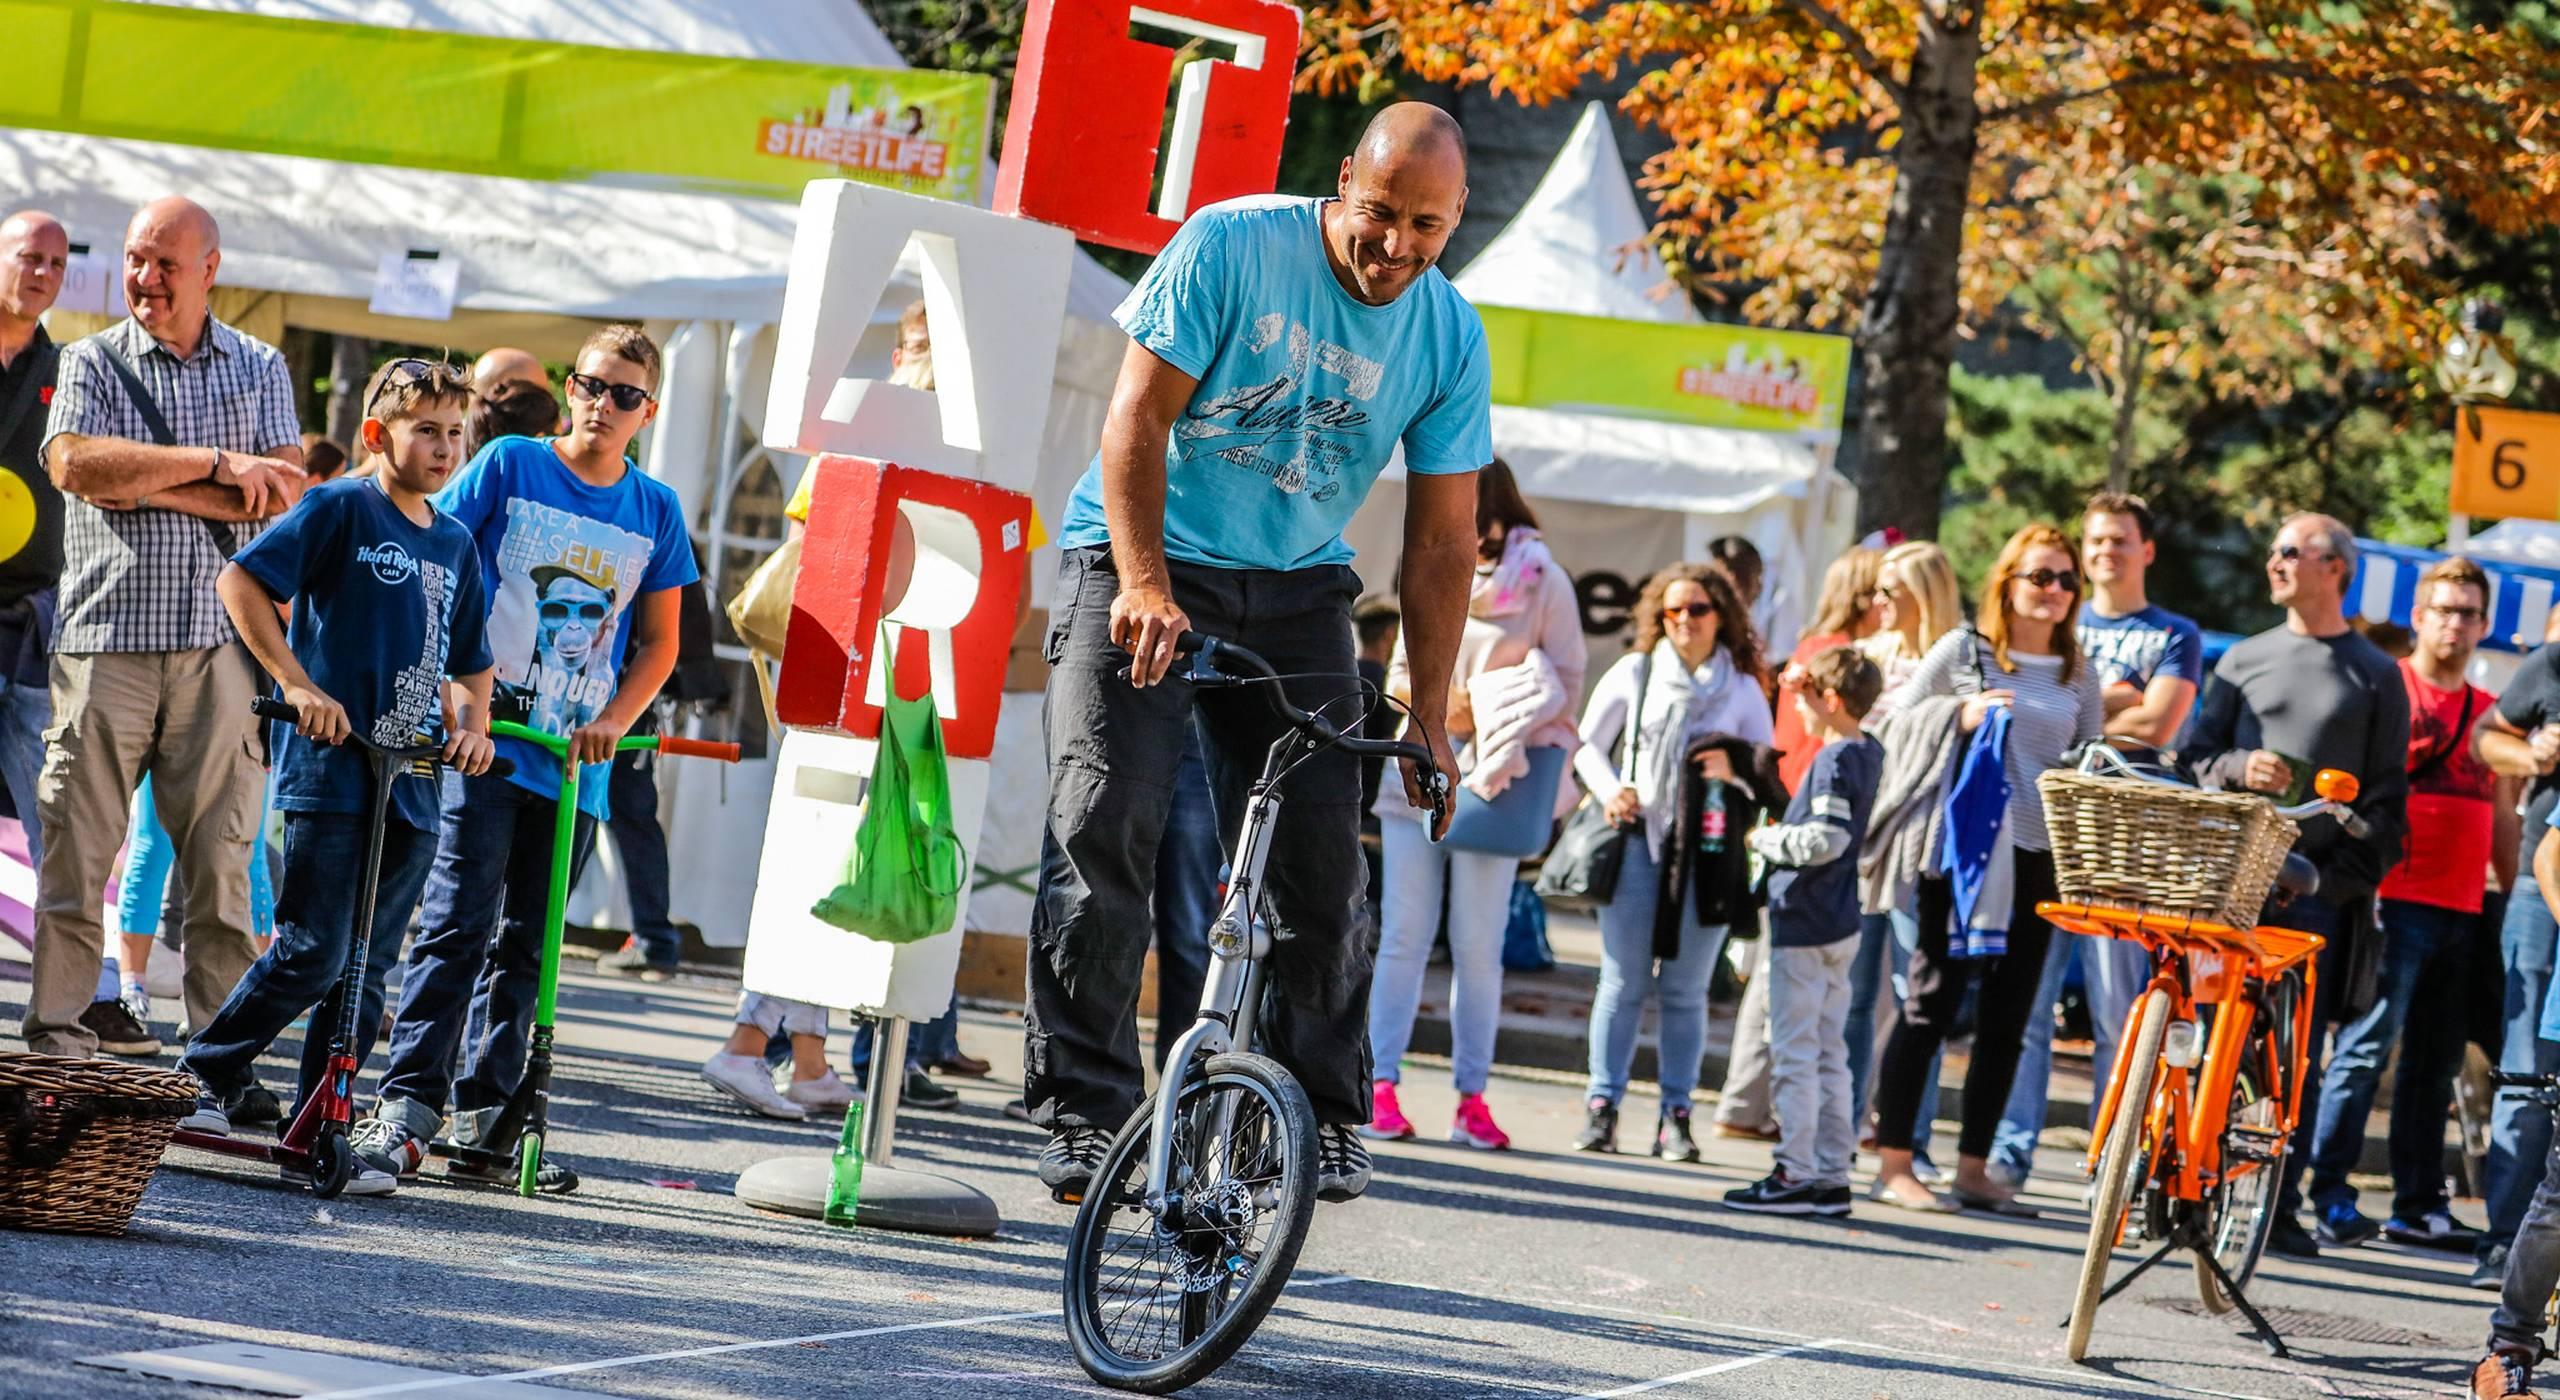 Ein Mann nimmt am Slow Bike Contest beim Streetlife Festival teil. Dabei versucht er so langsam wie möglich auf dem Fahrrad zu fahren ohne das Gleichgewicht zu verlieren.